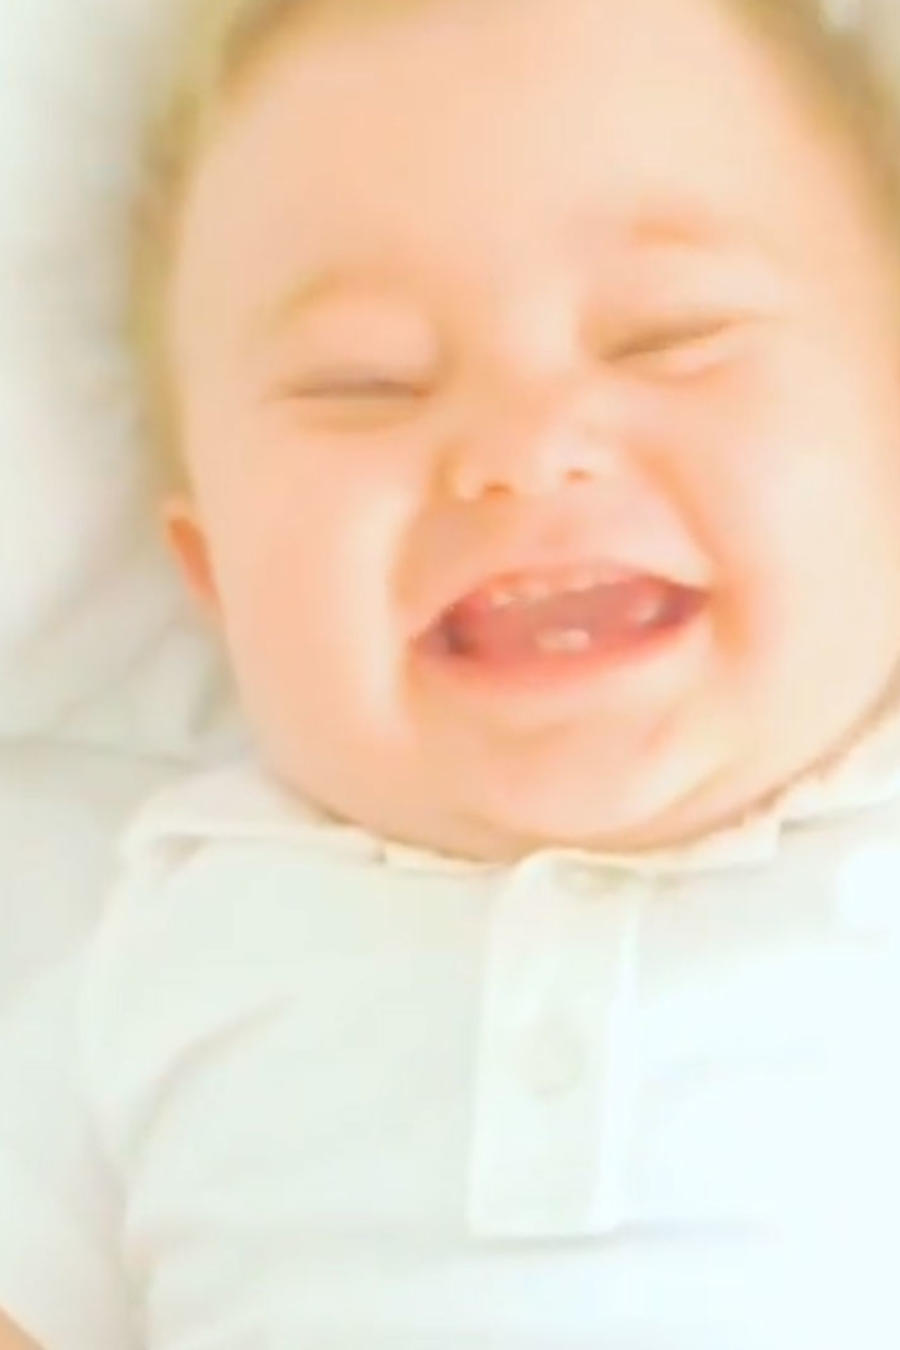 Mira las carcajadas del bebé de Anahí